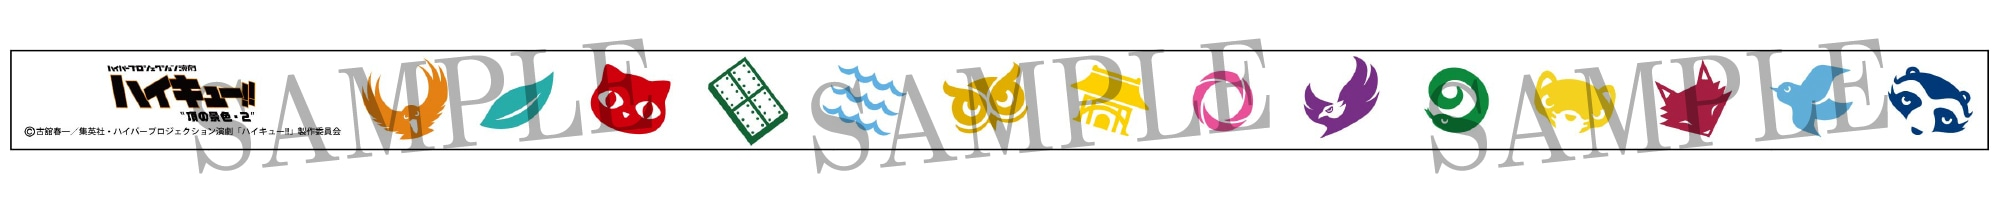 """【期間限定予約特典付】ハイパープロジェクション演劇「ハイキュー!!」""""頂の景色・2″ Blu-ray"""